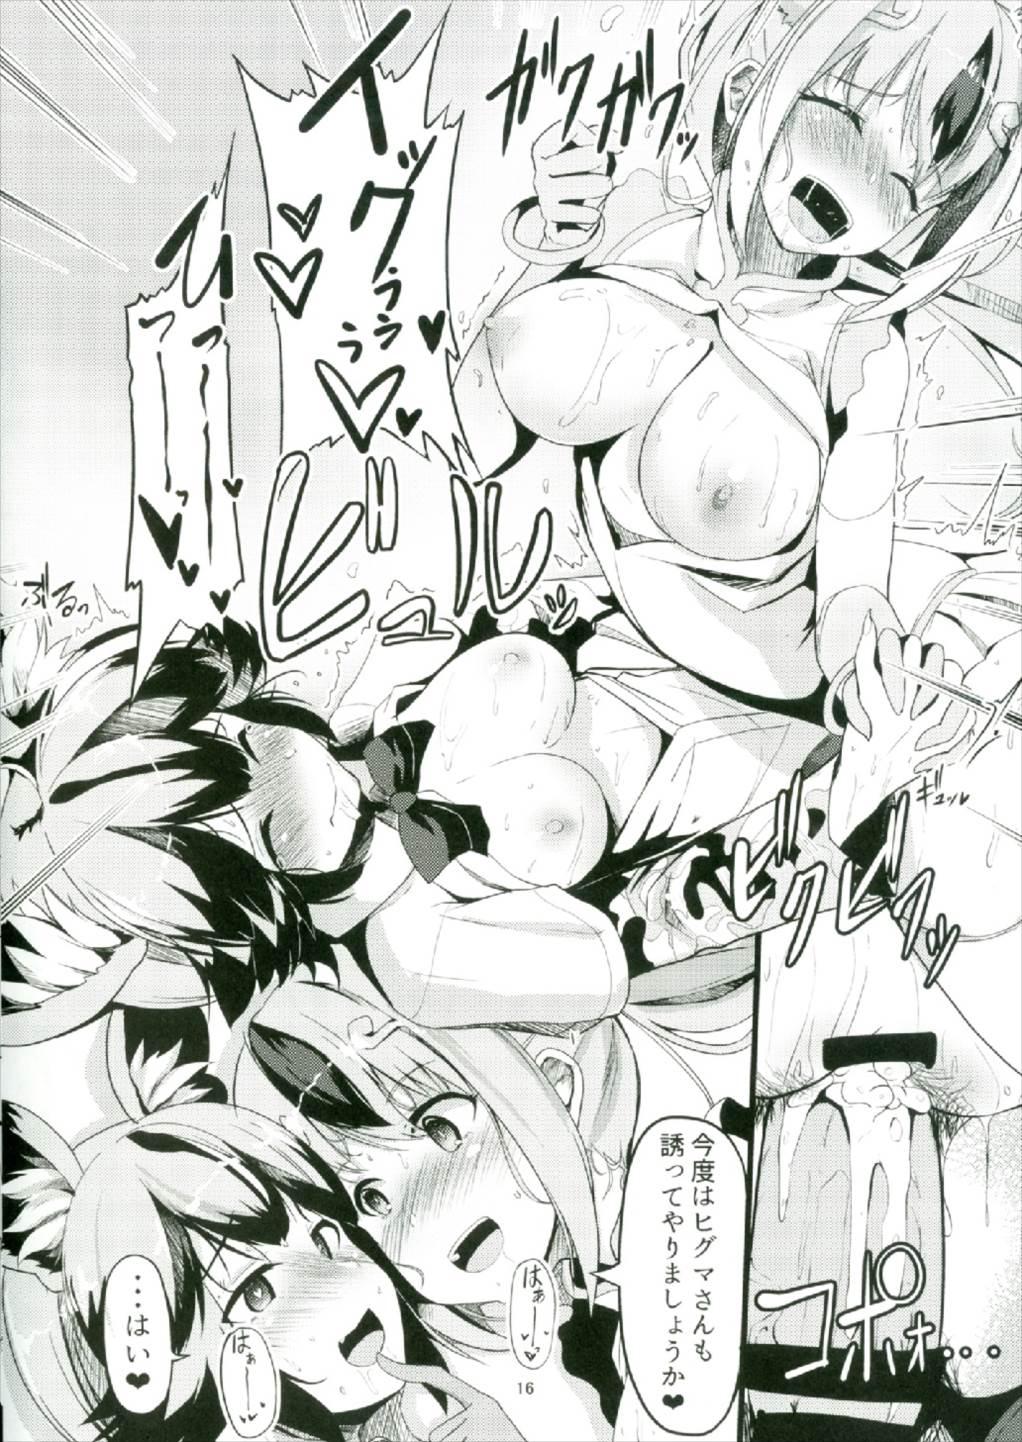 【エロ同人誌】お昼寝中のふたなりなリカオンにキンシコウがエッチな悪戯を仕掛けるwww【けものフレンズ/C93】